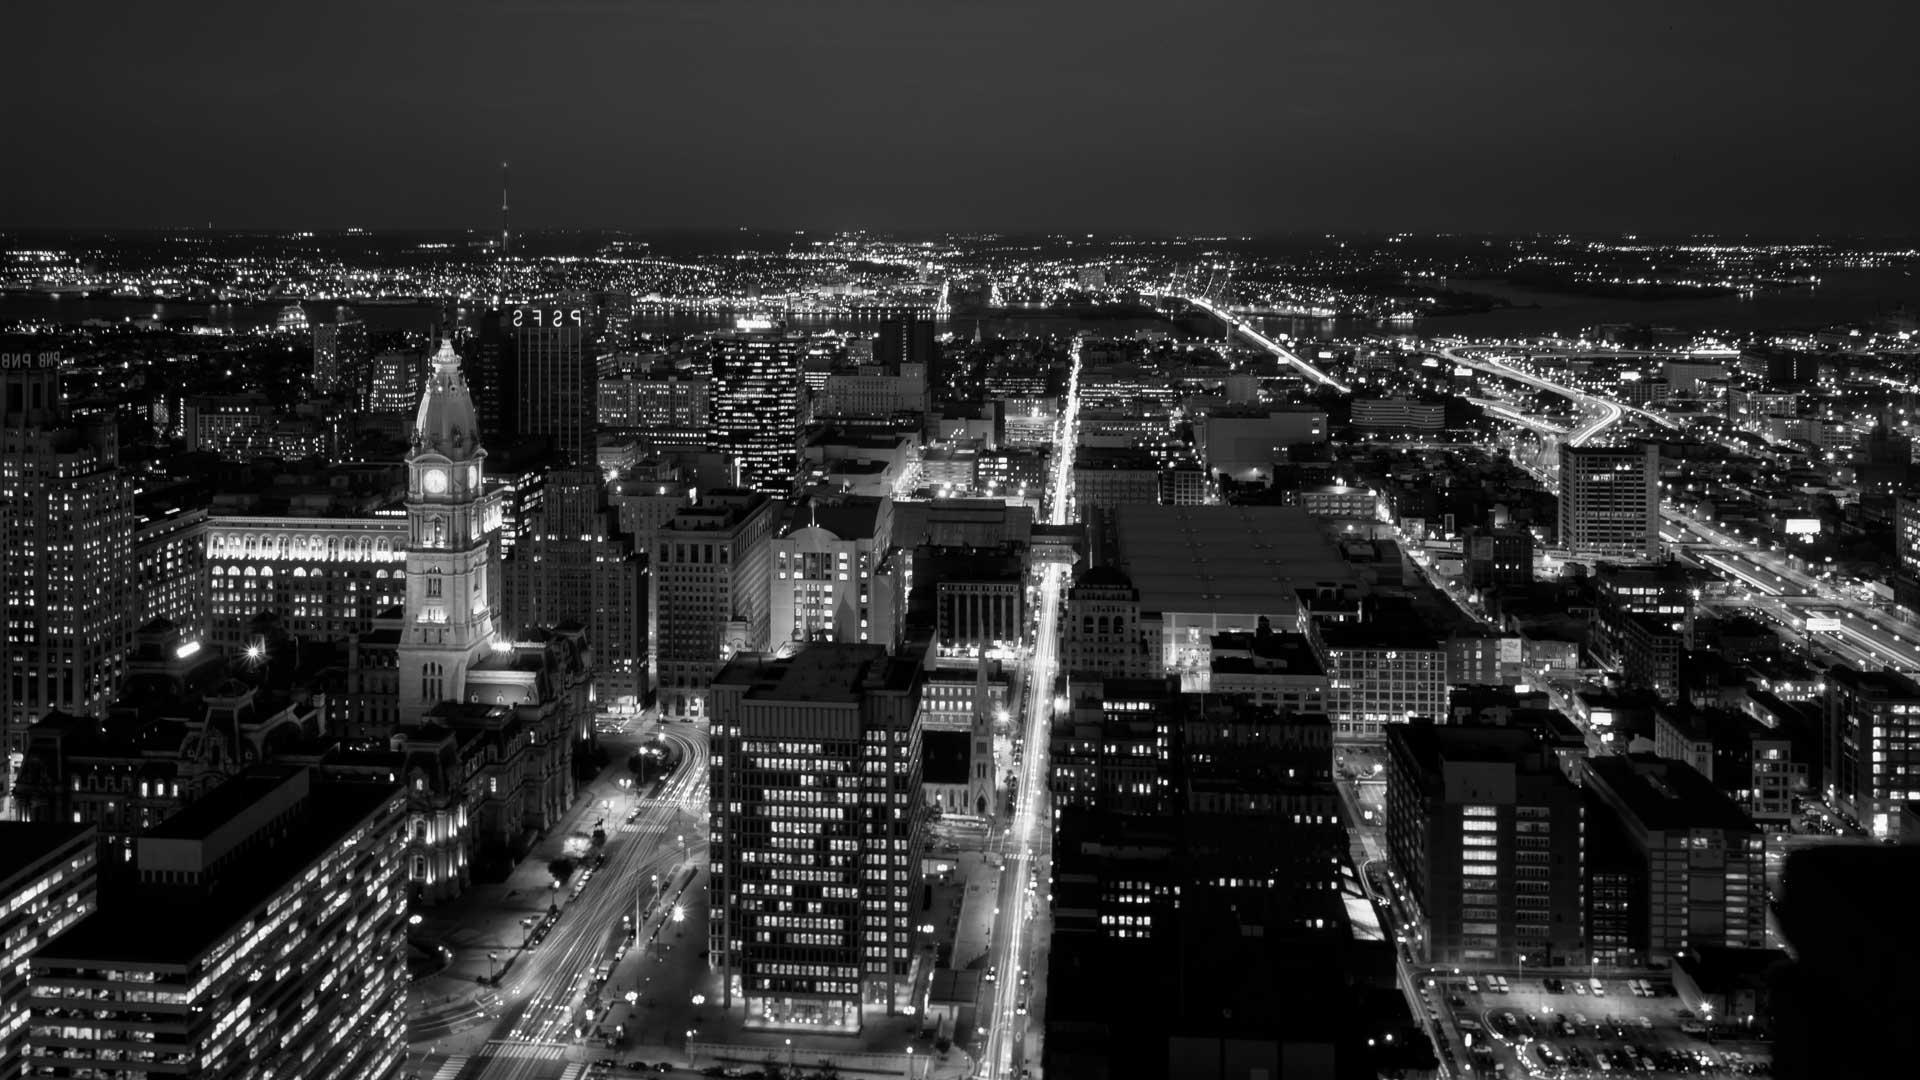 philadelphian city at night